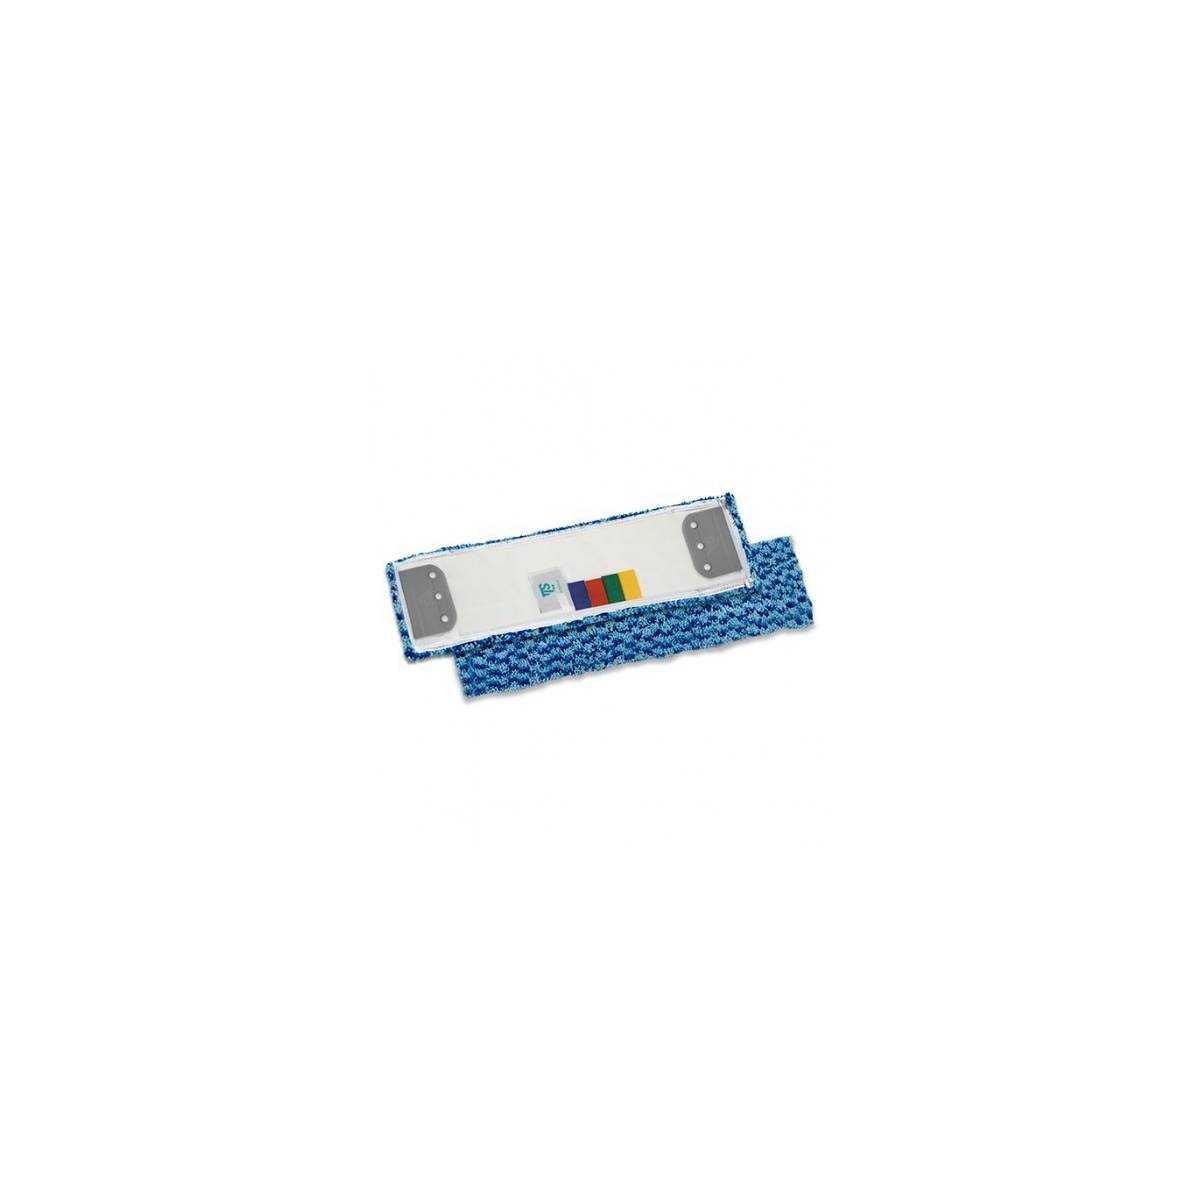 Моп Microsafe Wet System микрофибра 40см (0696) 00000696 TTS